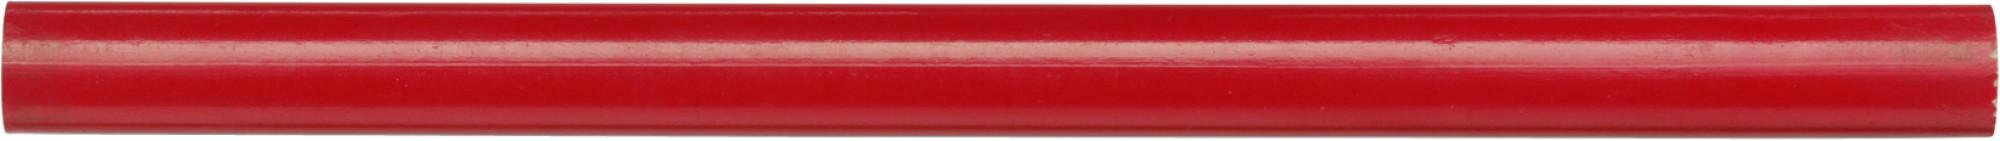 Punainen timpurinkynä